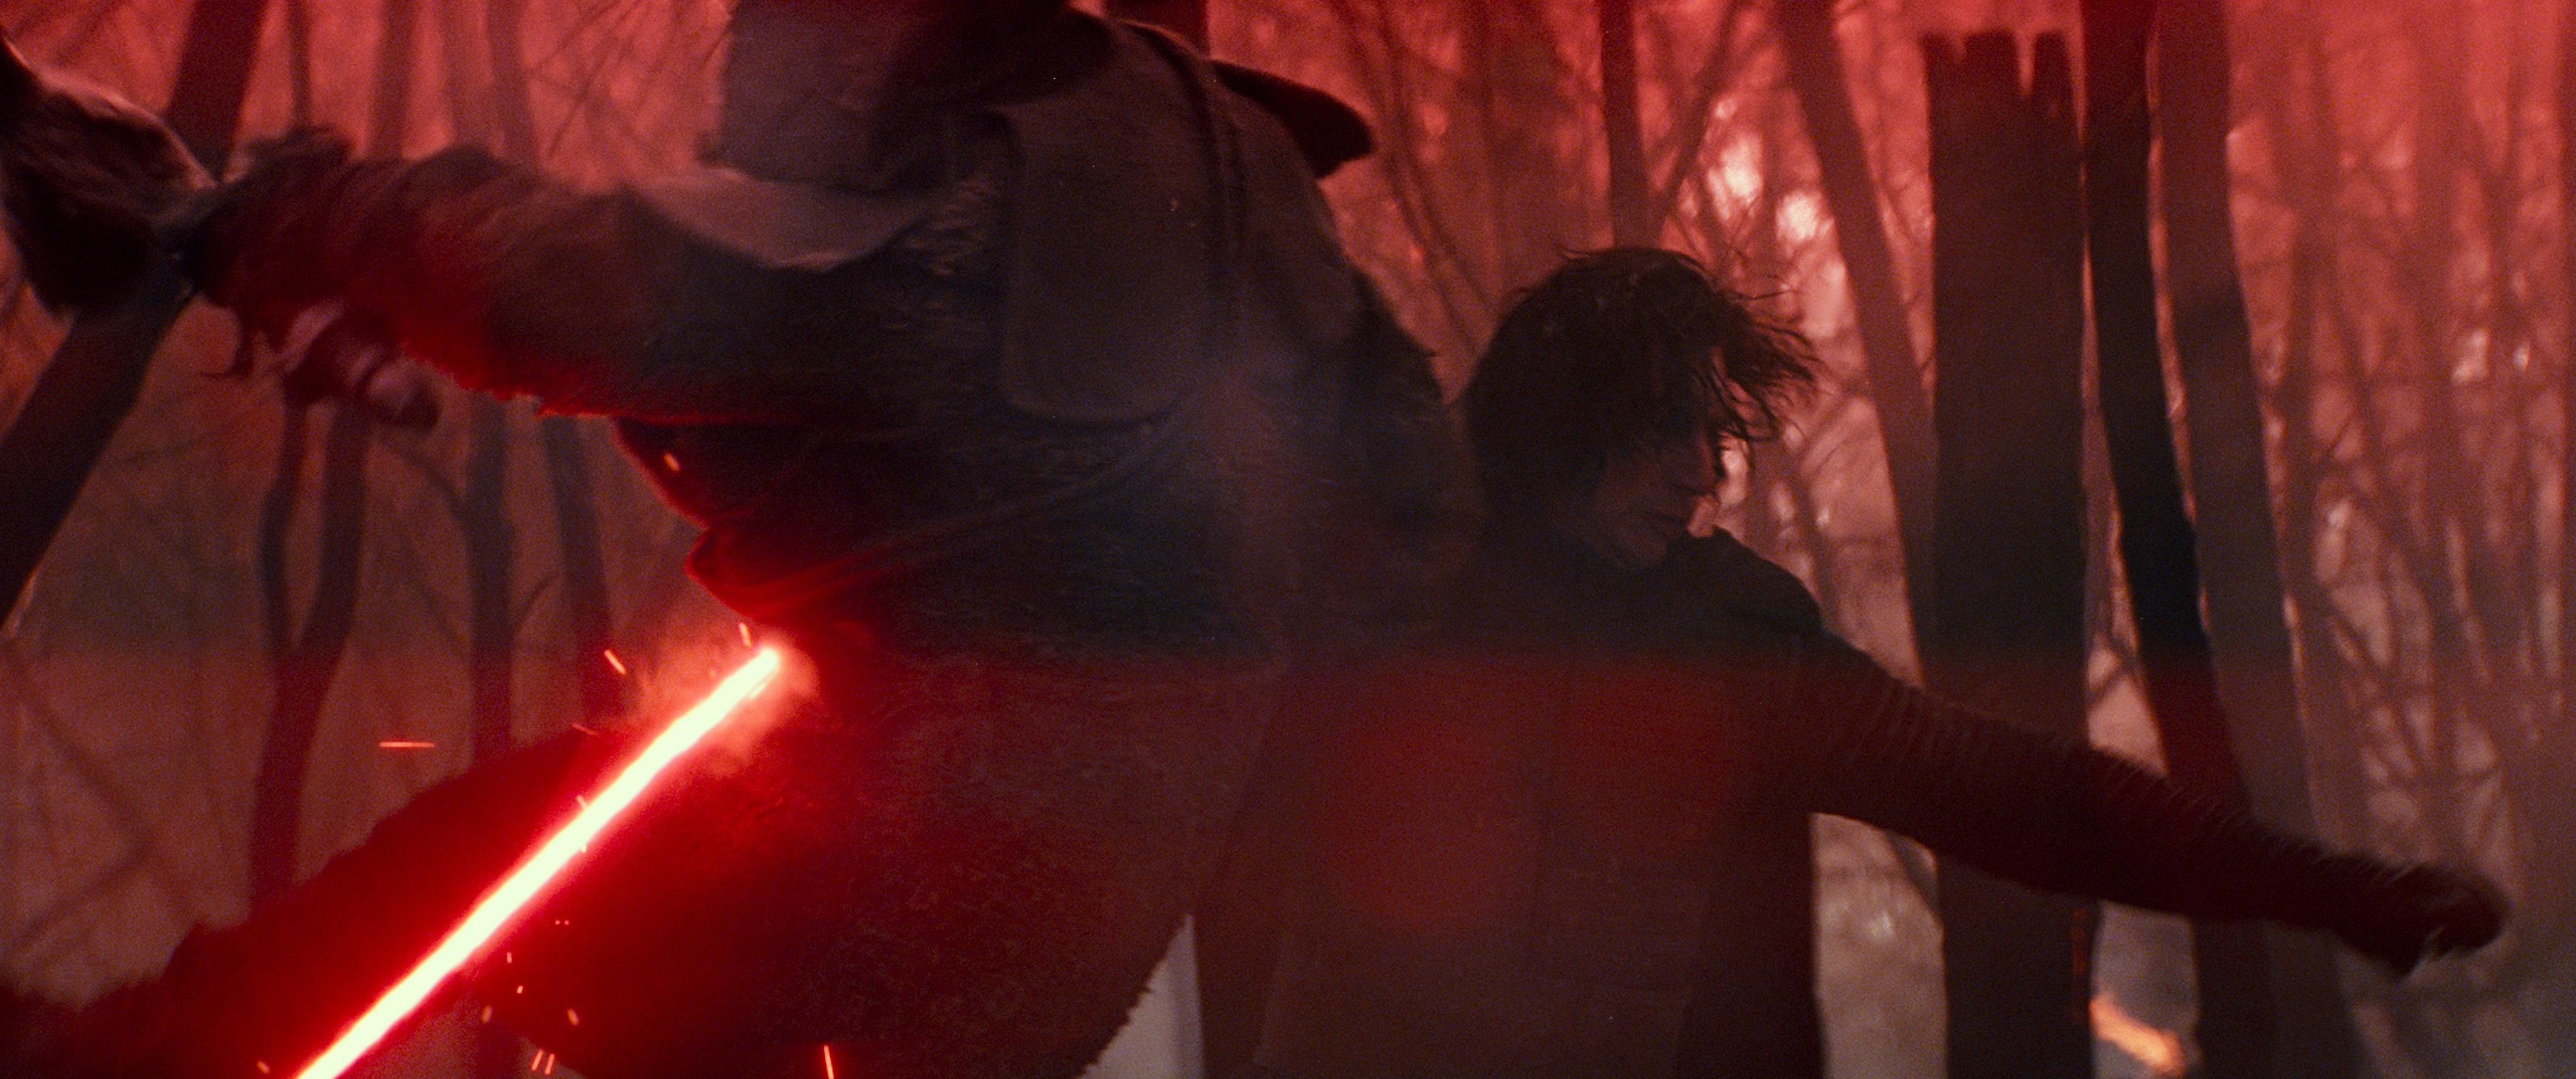 Filmfigur Kylo Ren, gespielt von Adam Driver, legt einen Gegner mit seinem rot leuchtenden Lichtschwert um.